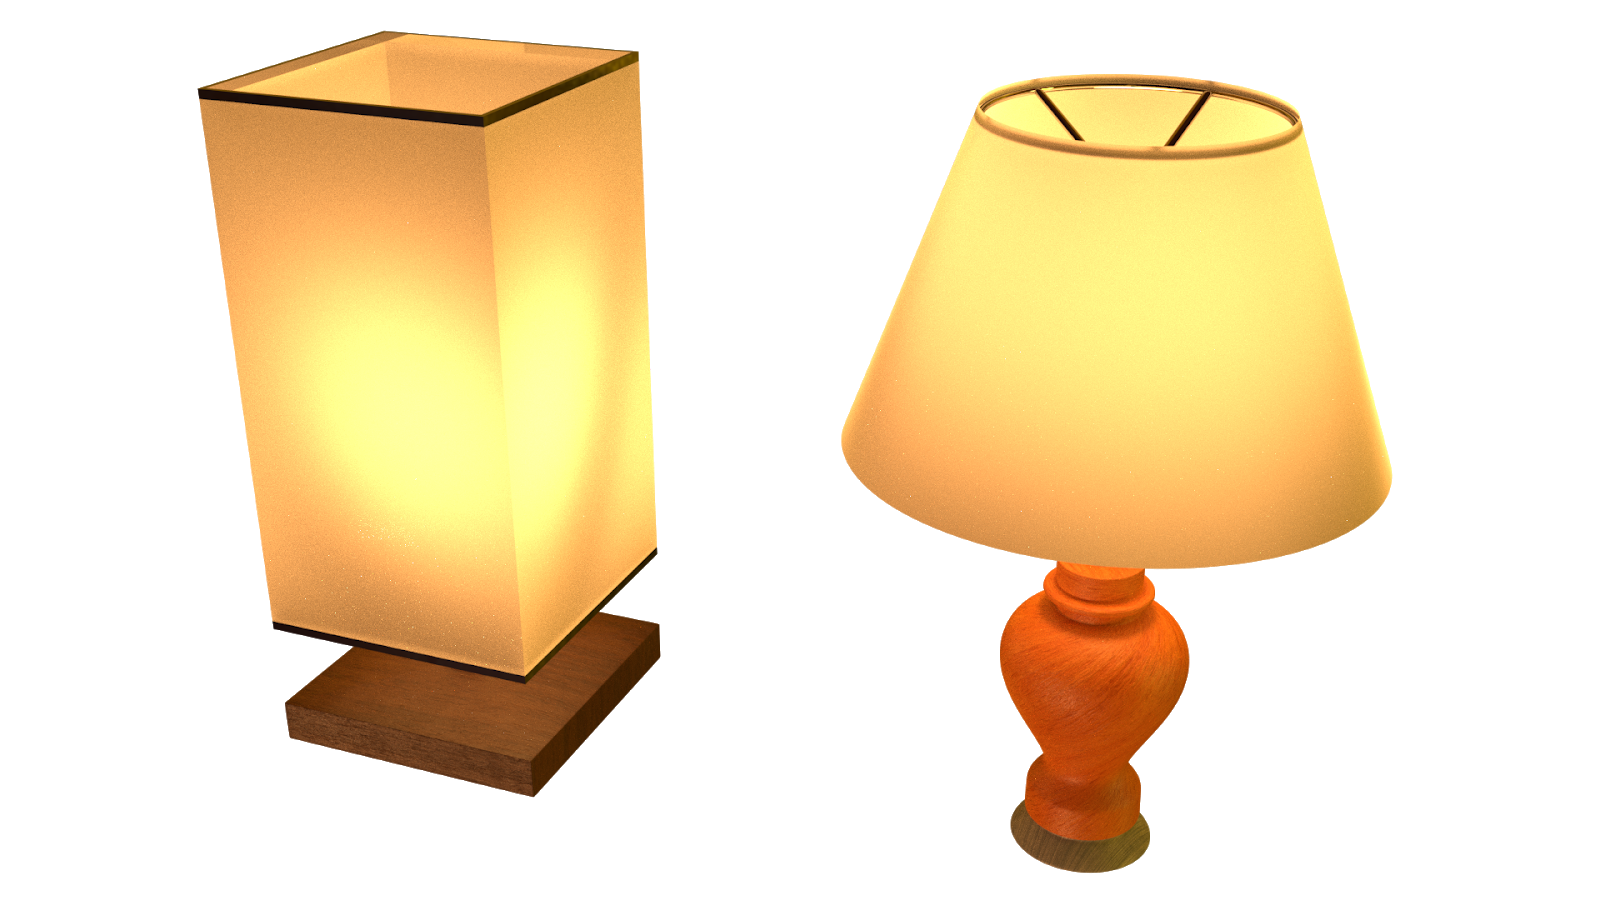 Free 3D Table Lamp CC0 3DS - Free 3D Models Under Public Domain